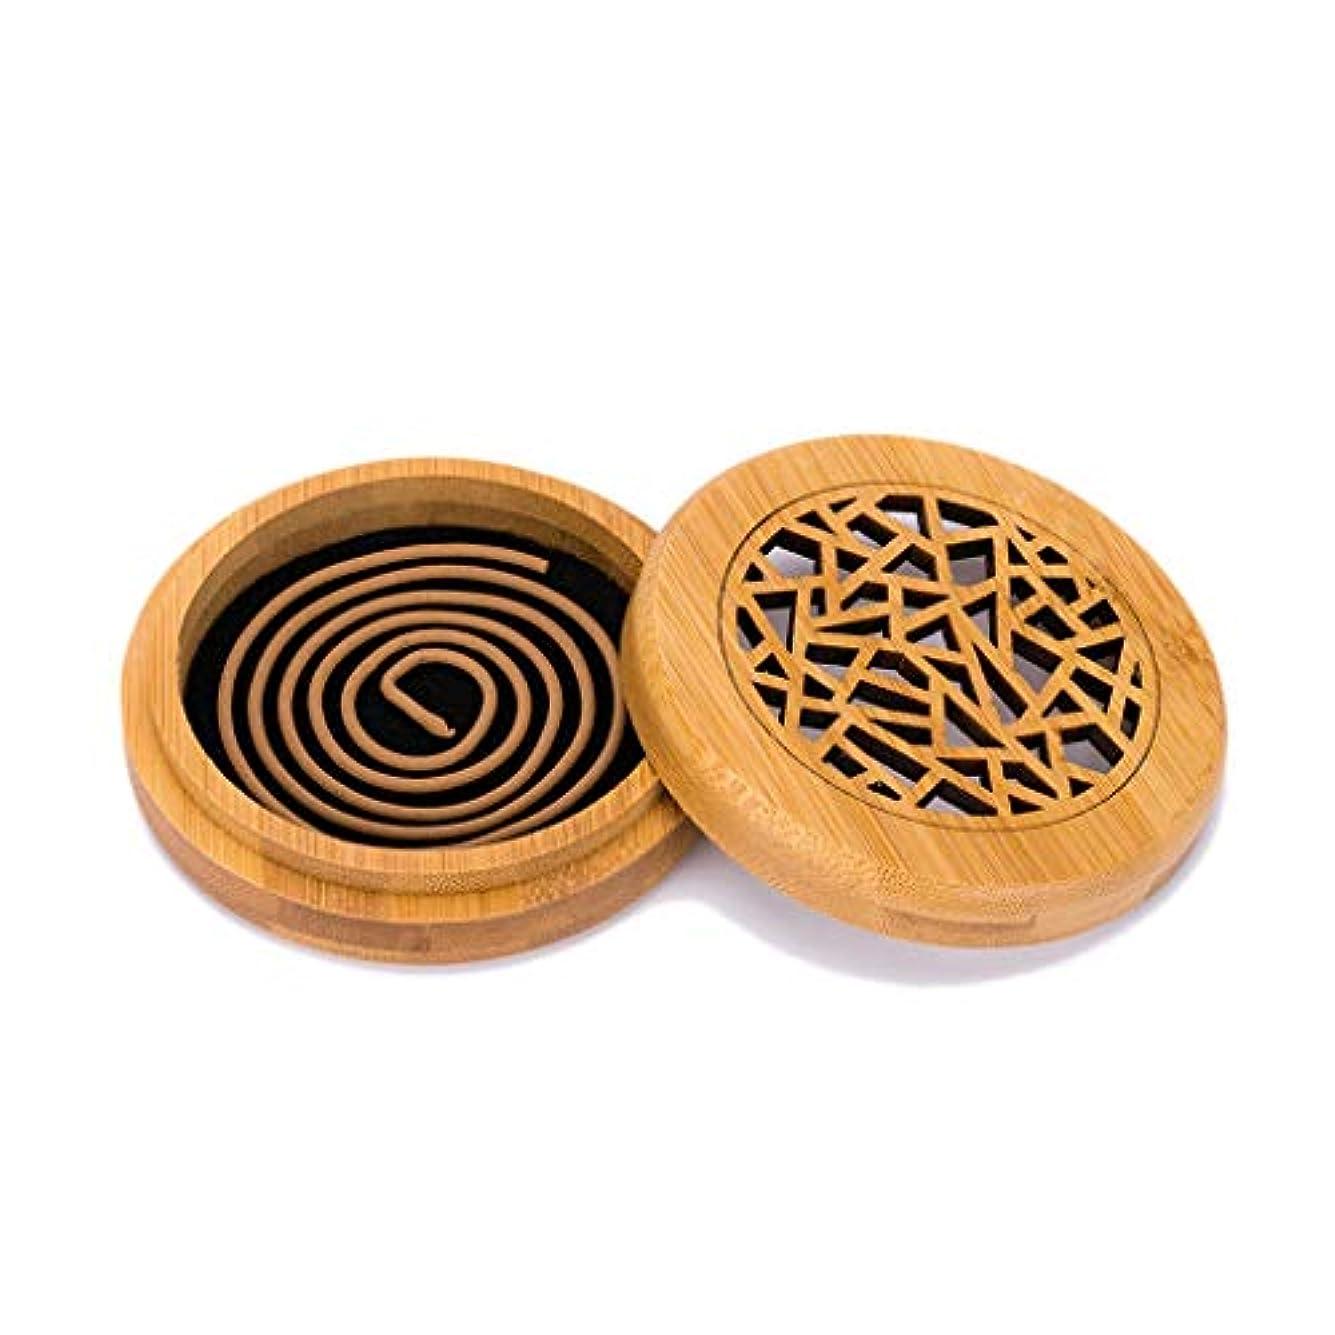 処方パキスタン趣味竹の香バーナーコイルの香バーナー部屋の装飾瞑想竹の香り天然素材香ホルダー (Color : WOOD, サイズ : Round)